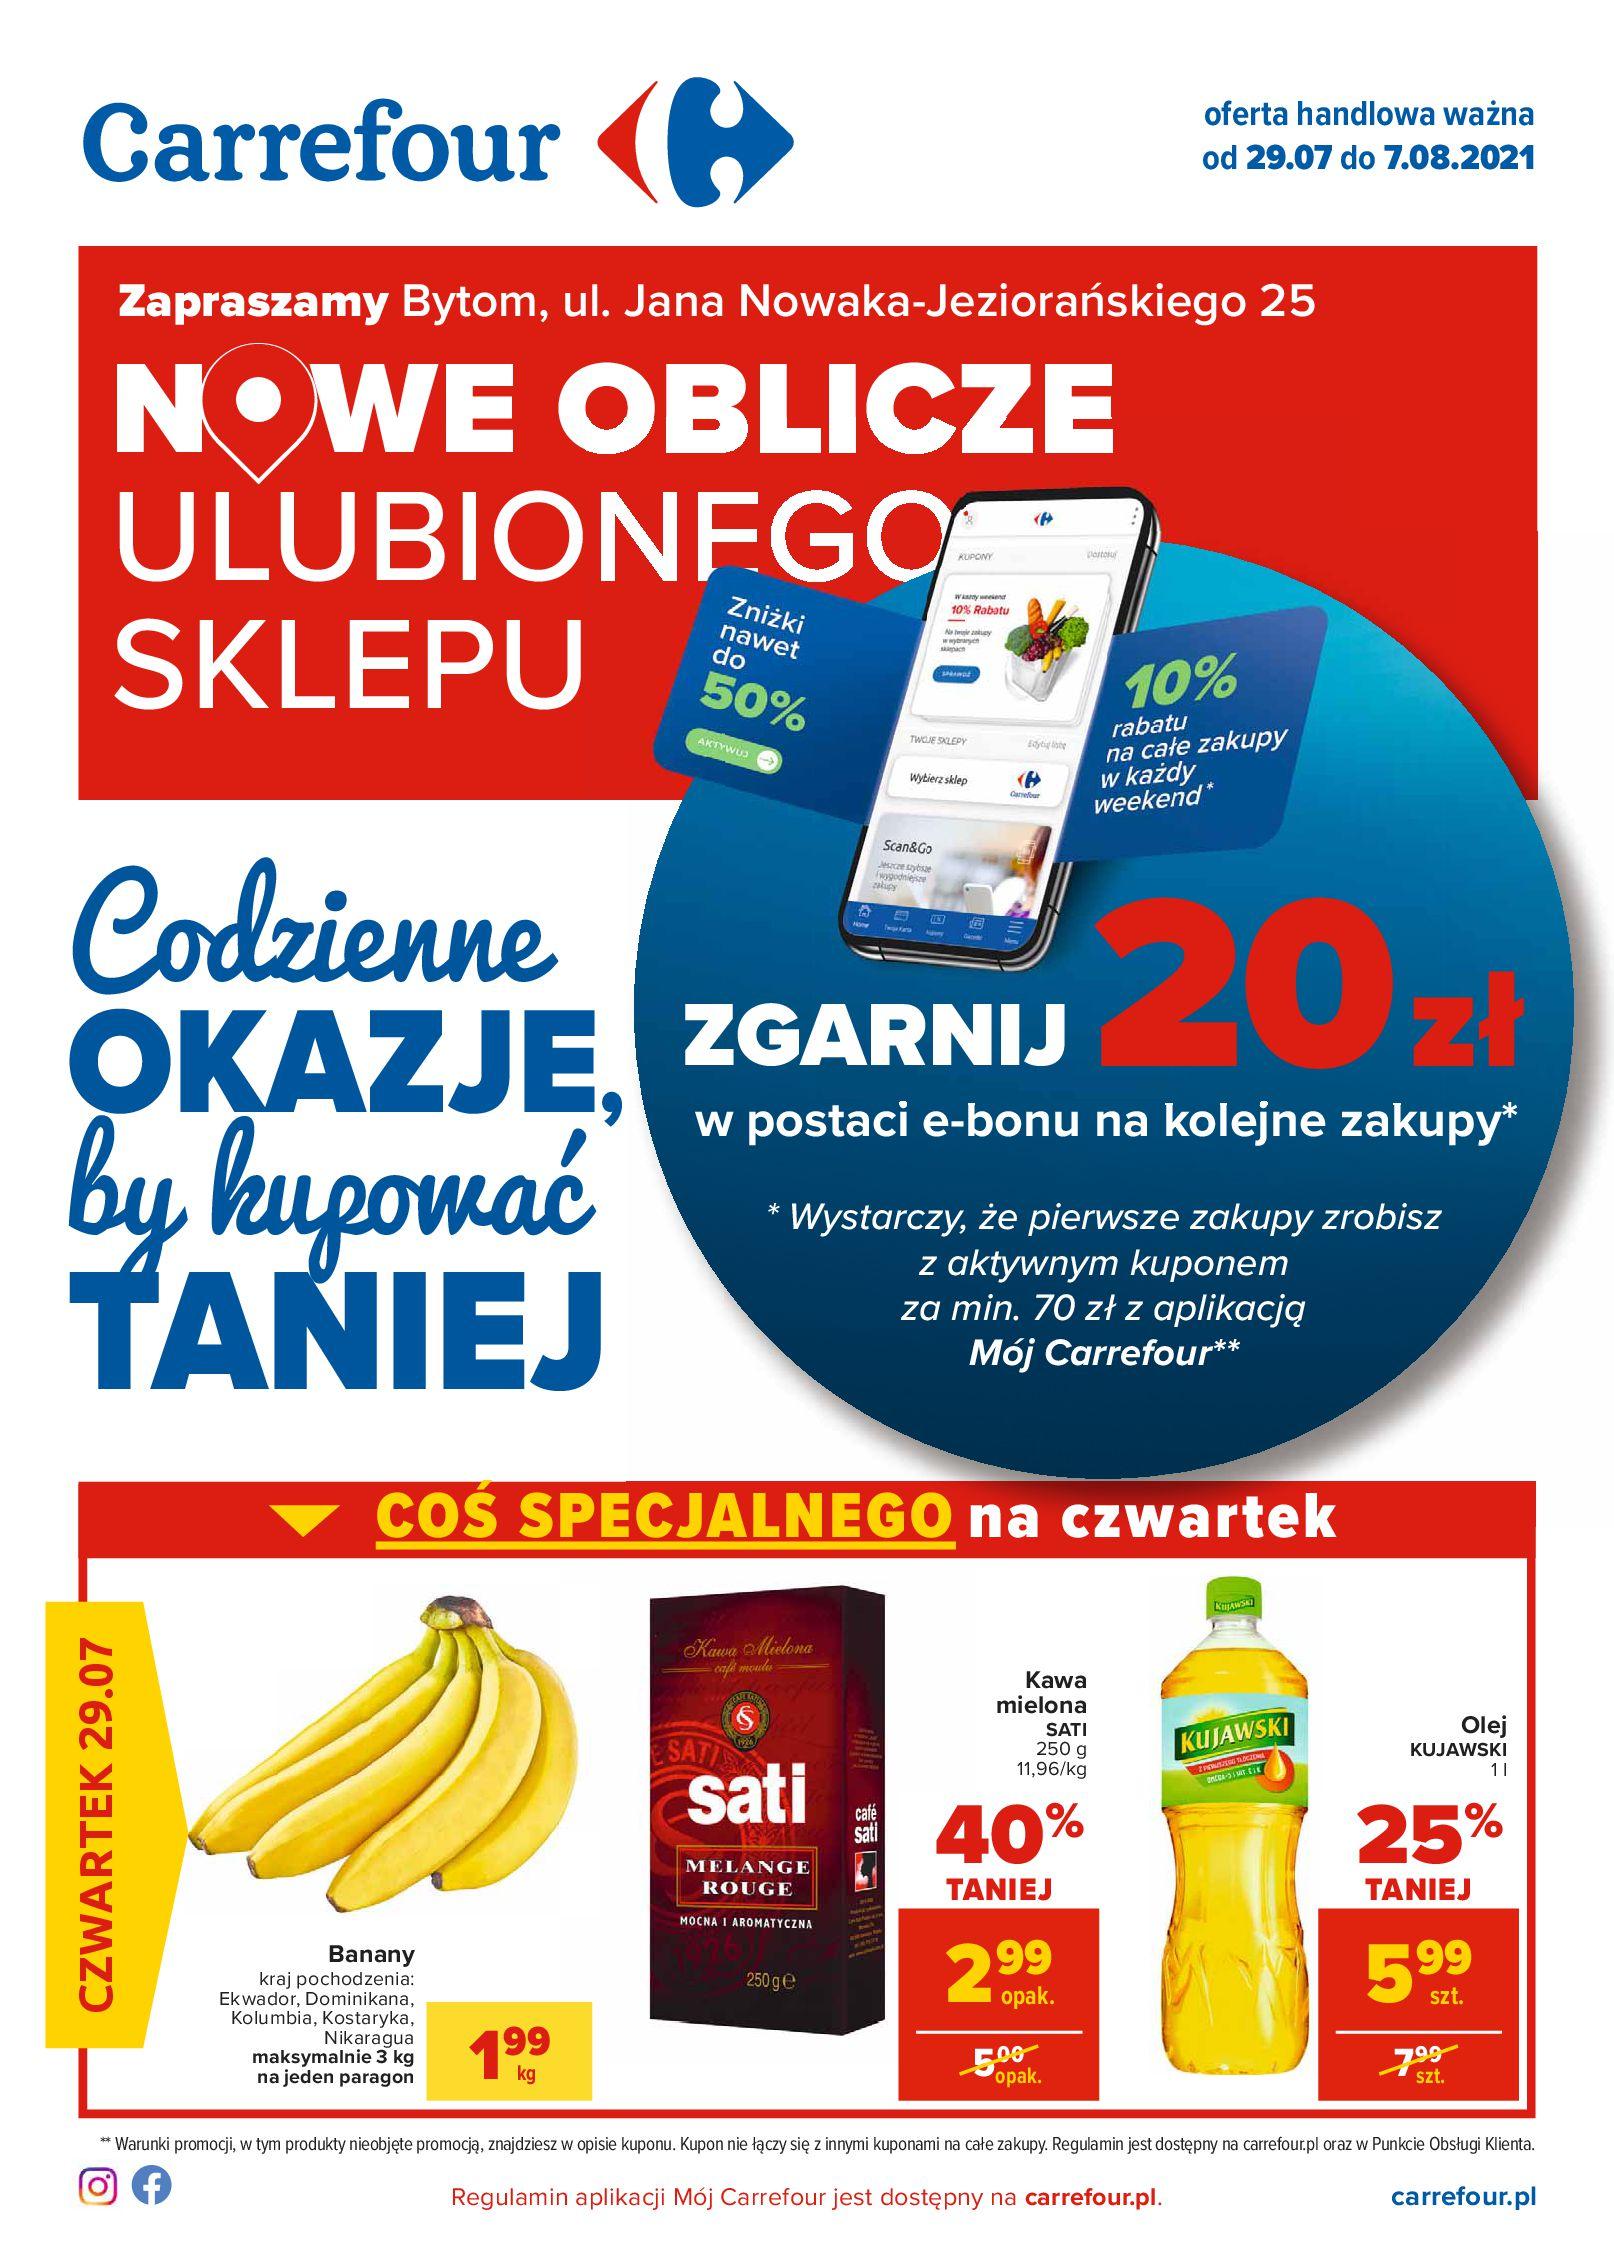 Carrefour:  Gazetka Carrefour - Codzienne okazje 28.07.2021